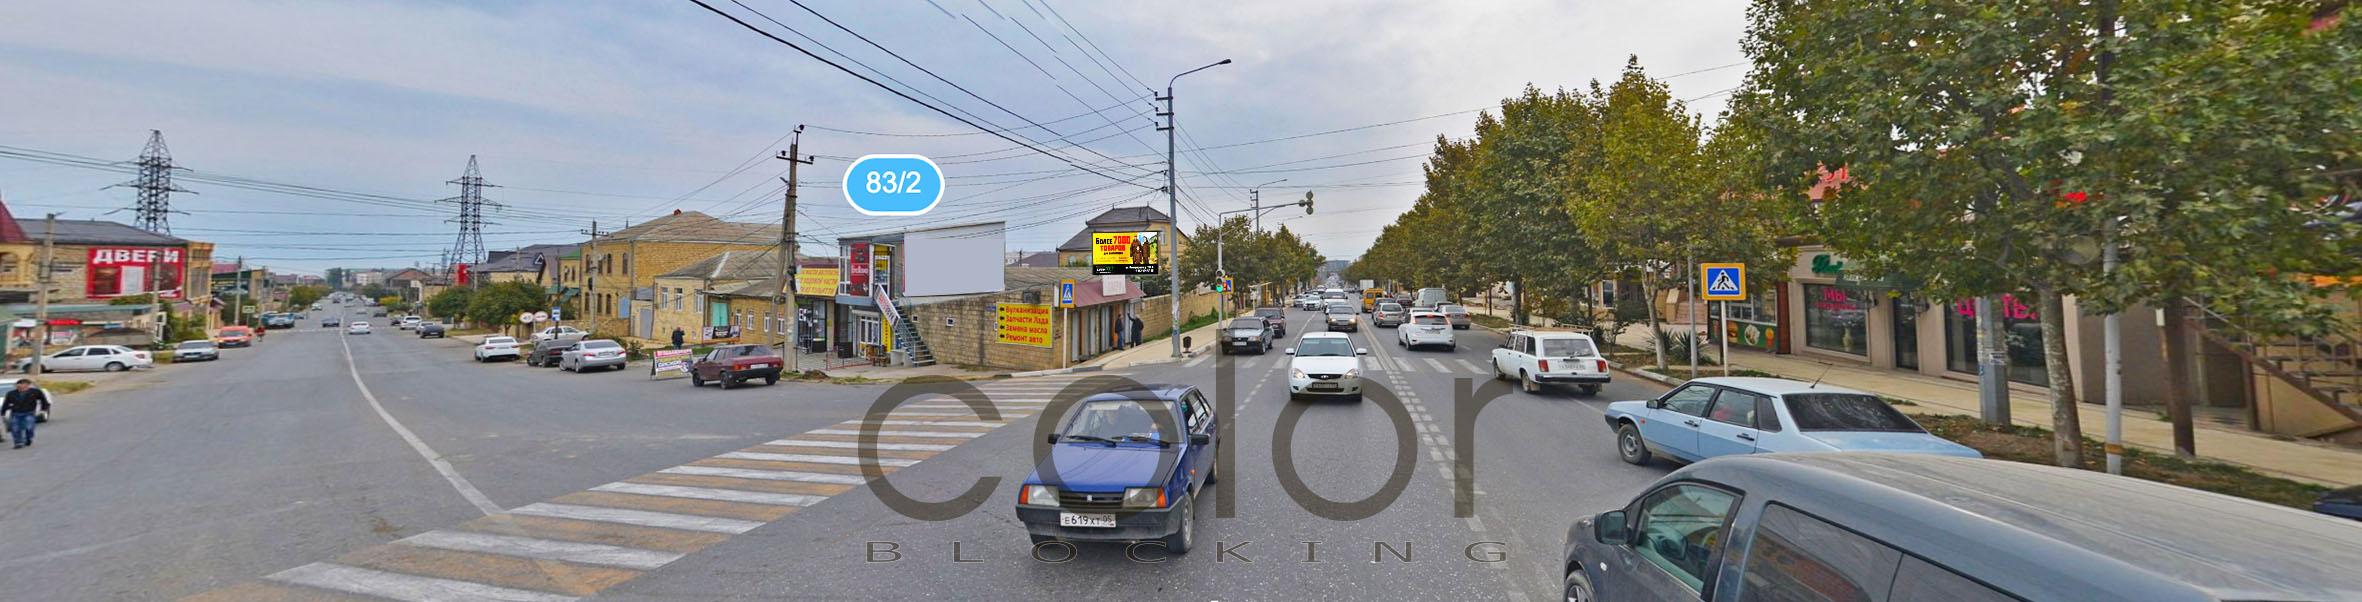 Реклама на LED мониторах в Дербенте наружная